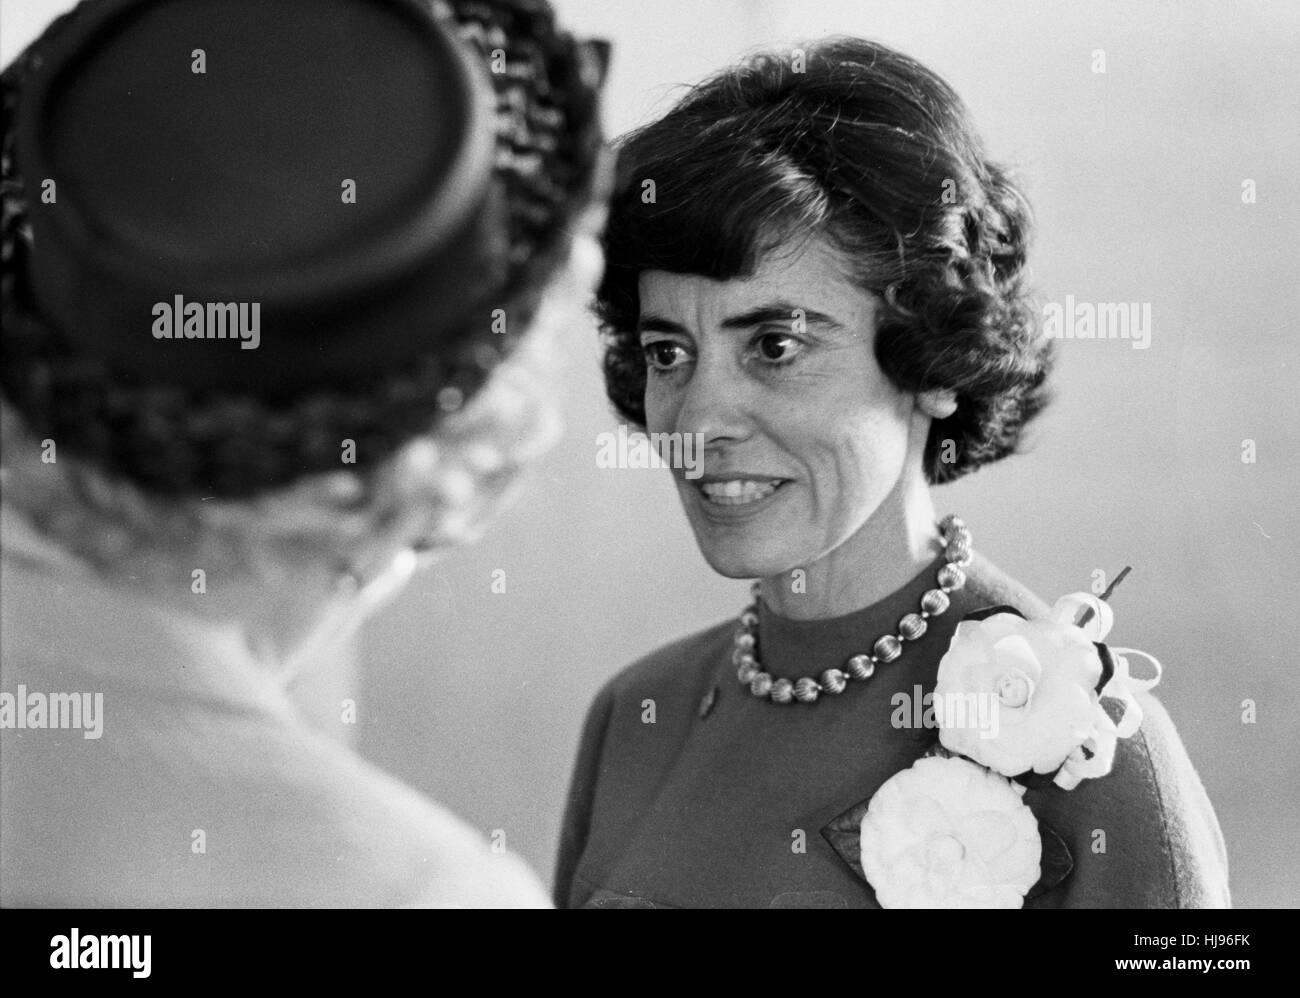 Annie Glenn campaigning for John Glenn in 1964 - Stock Image